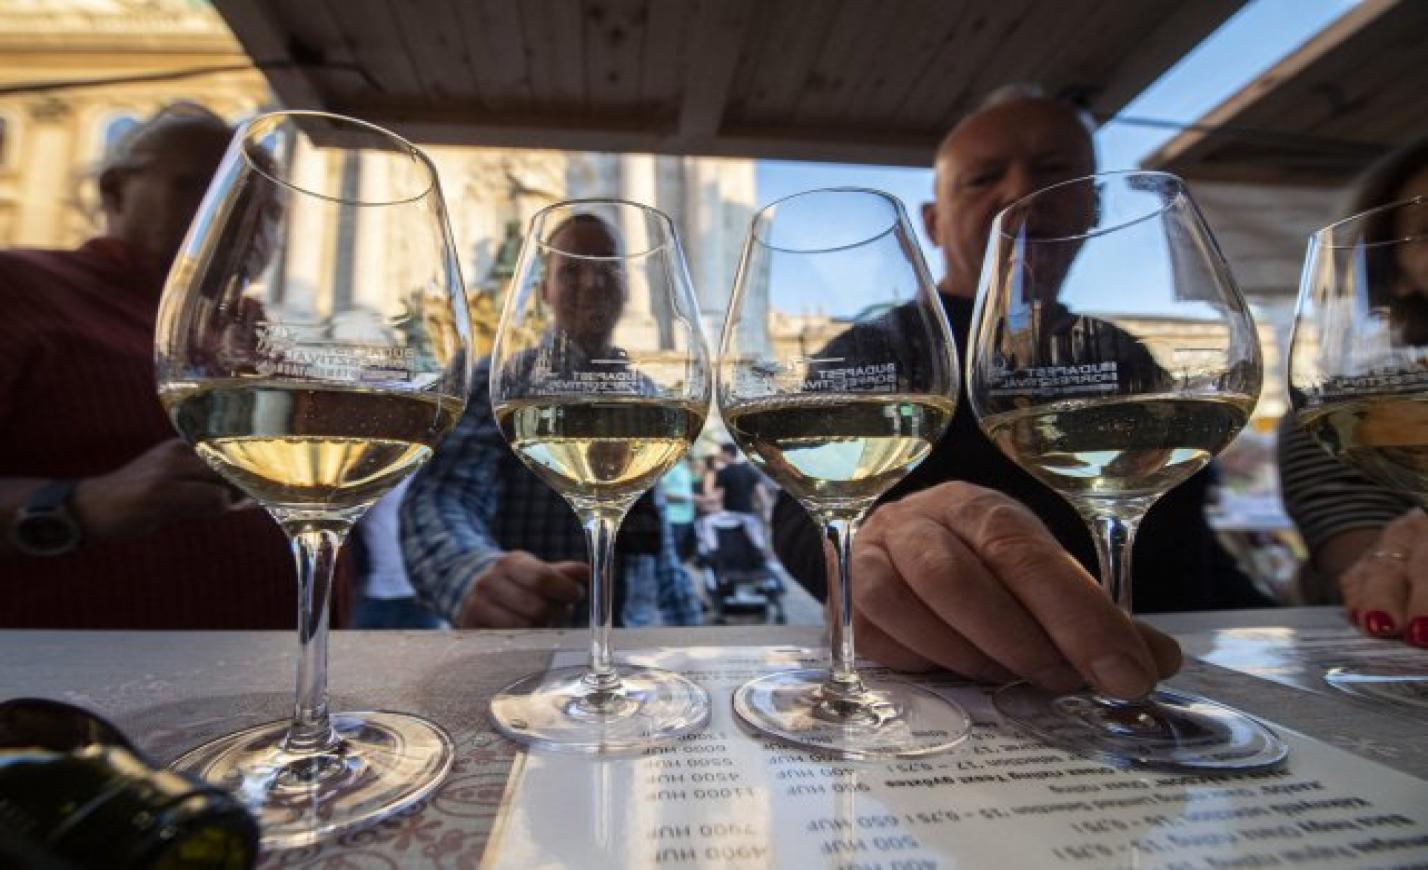 Somló lesz a Budapest Borfesztivál vendége: 12 pincészet borait kóstolhatjuk